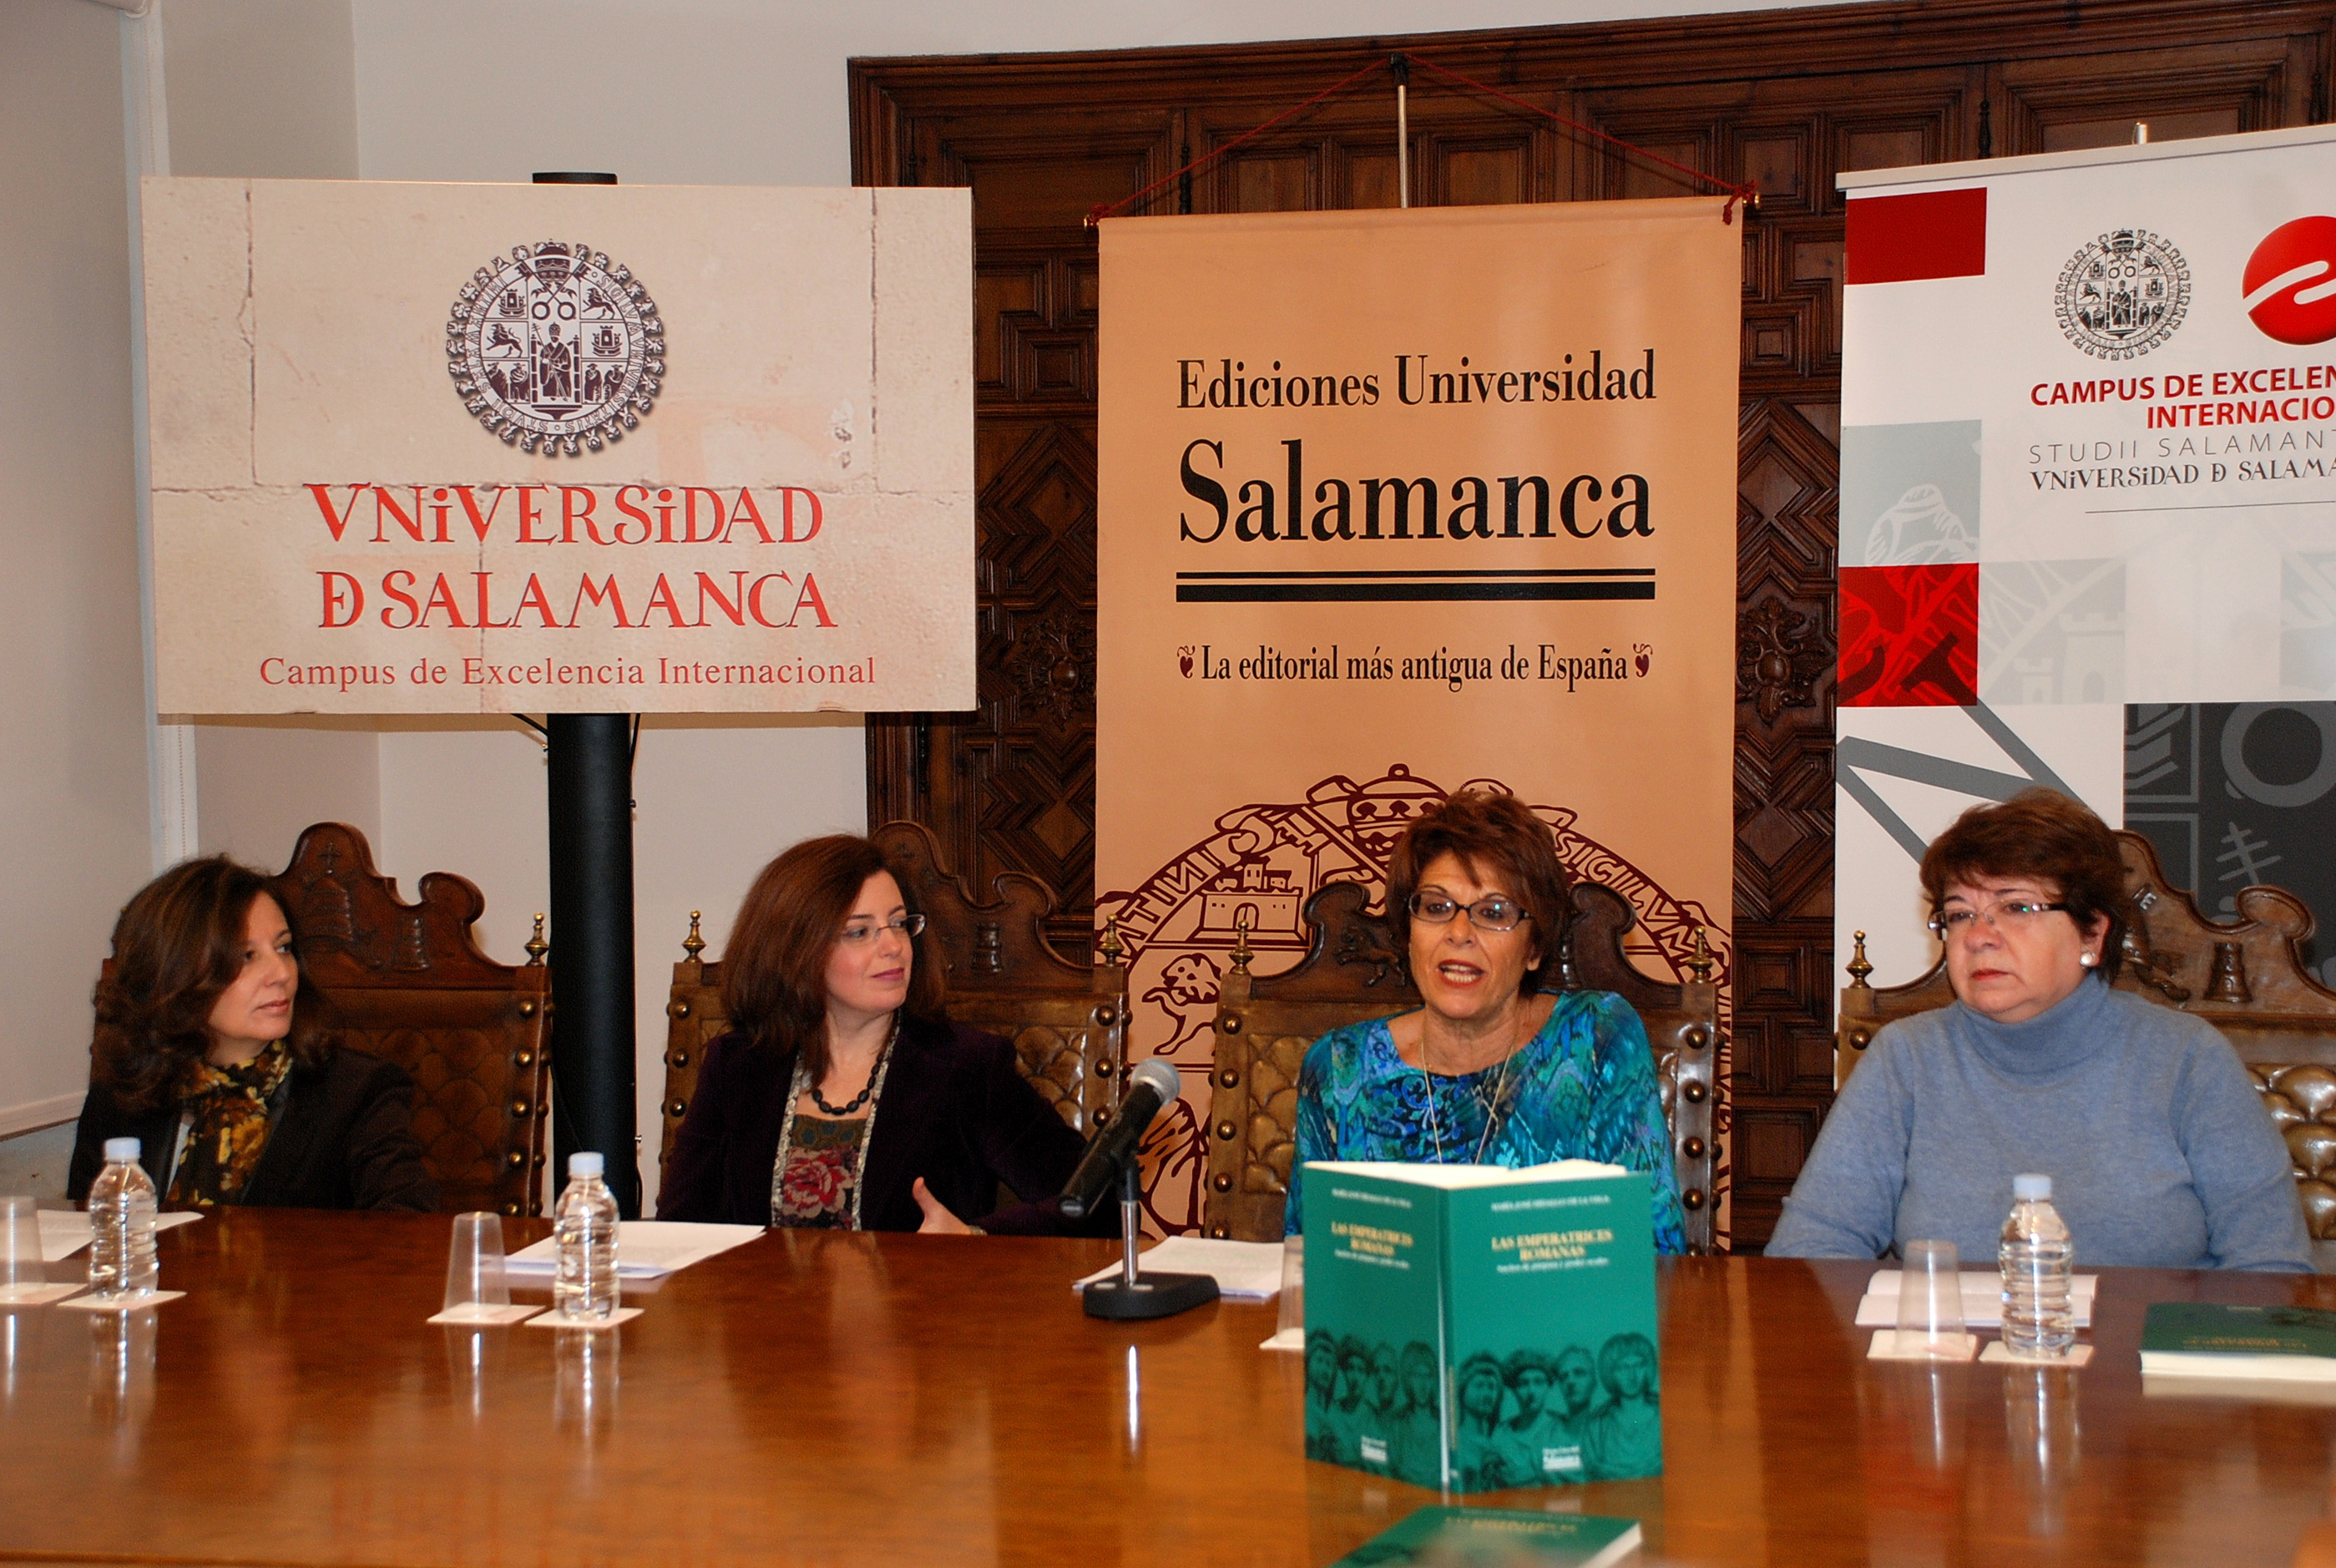 La historiadora María José Hidalgo plantea una nueva interpretación sobre el papel ambiguo y contradictorio de las emperatrices romanas